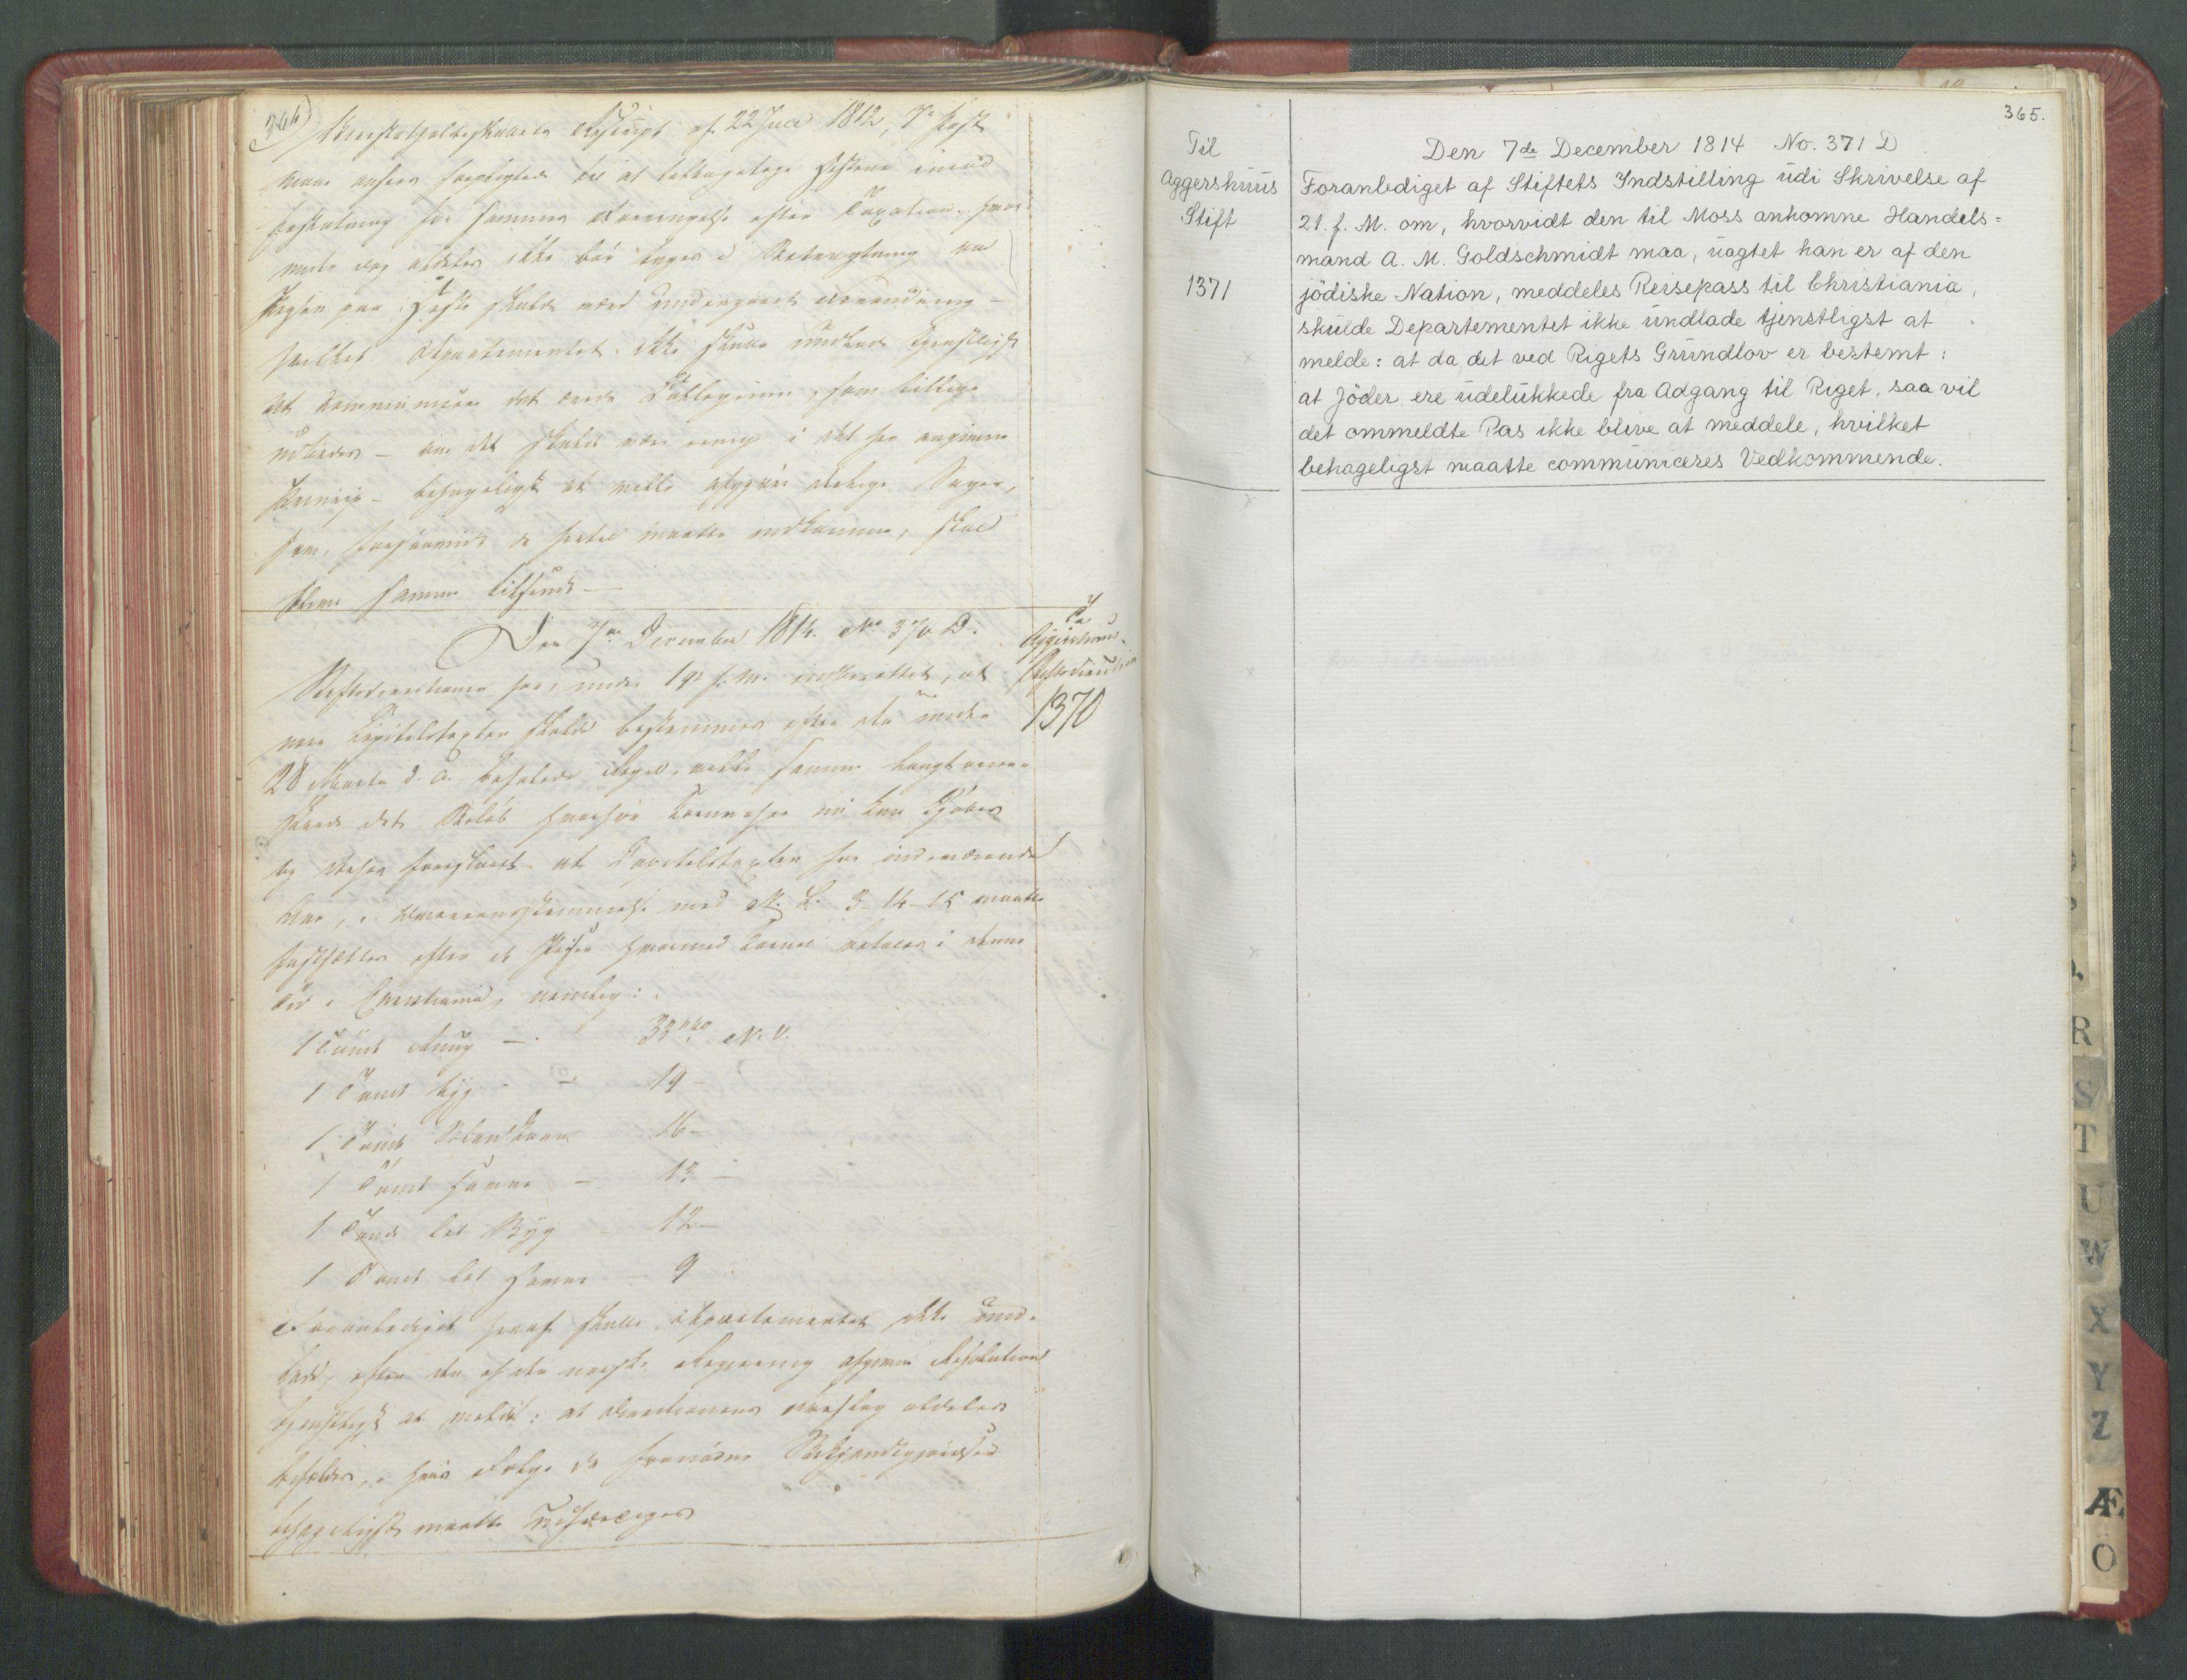 RA, Departementene i 1814, Fb/L0028: Kopibok 1-1371, 1814, p. 364-365